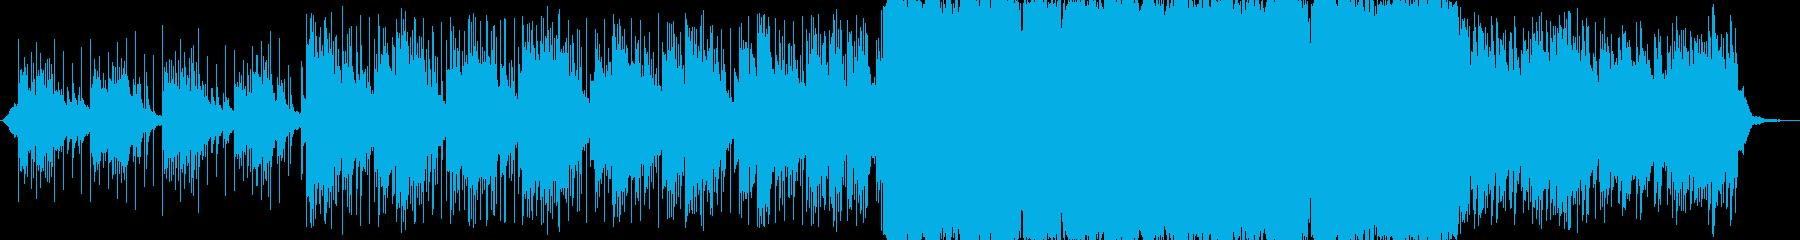 企業VPやCMに 壮大で美しい感動曲の再生済みの波形